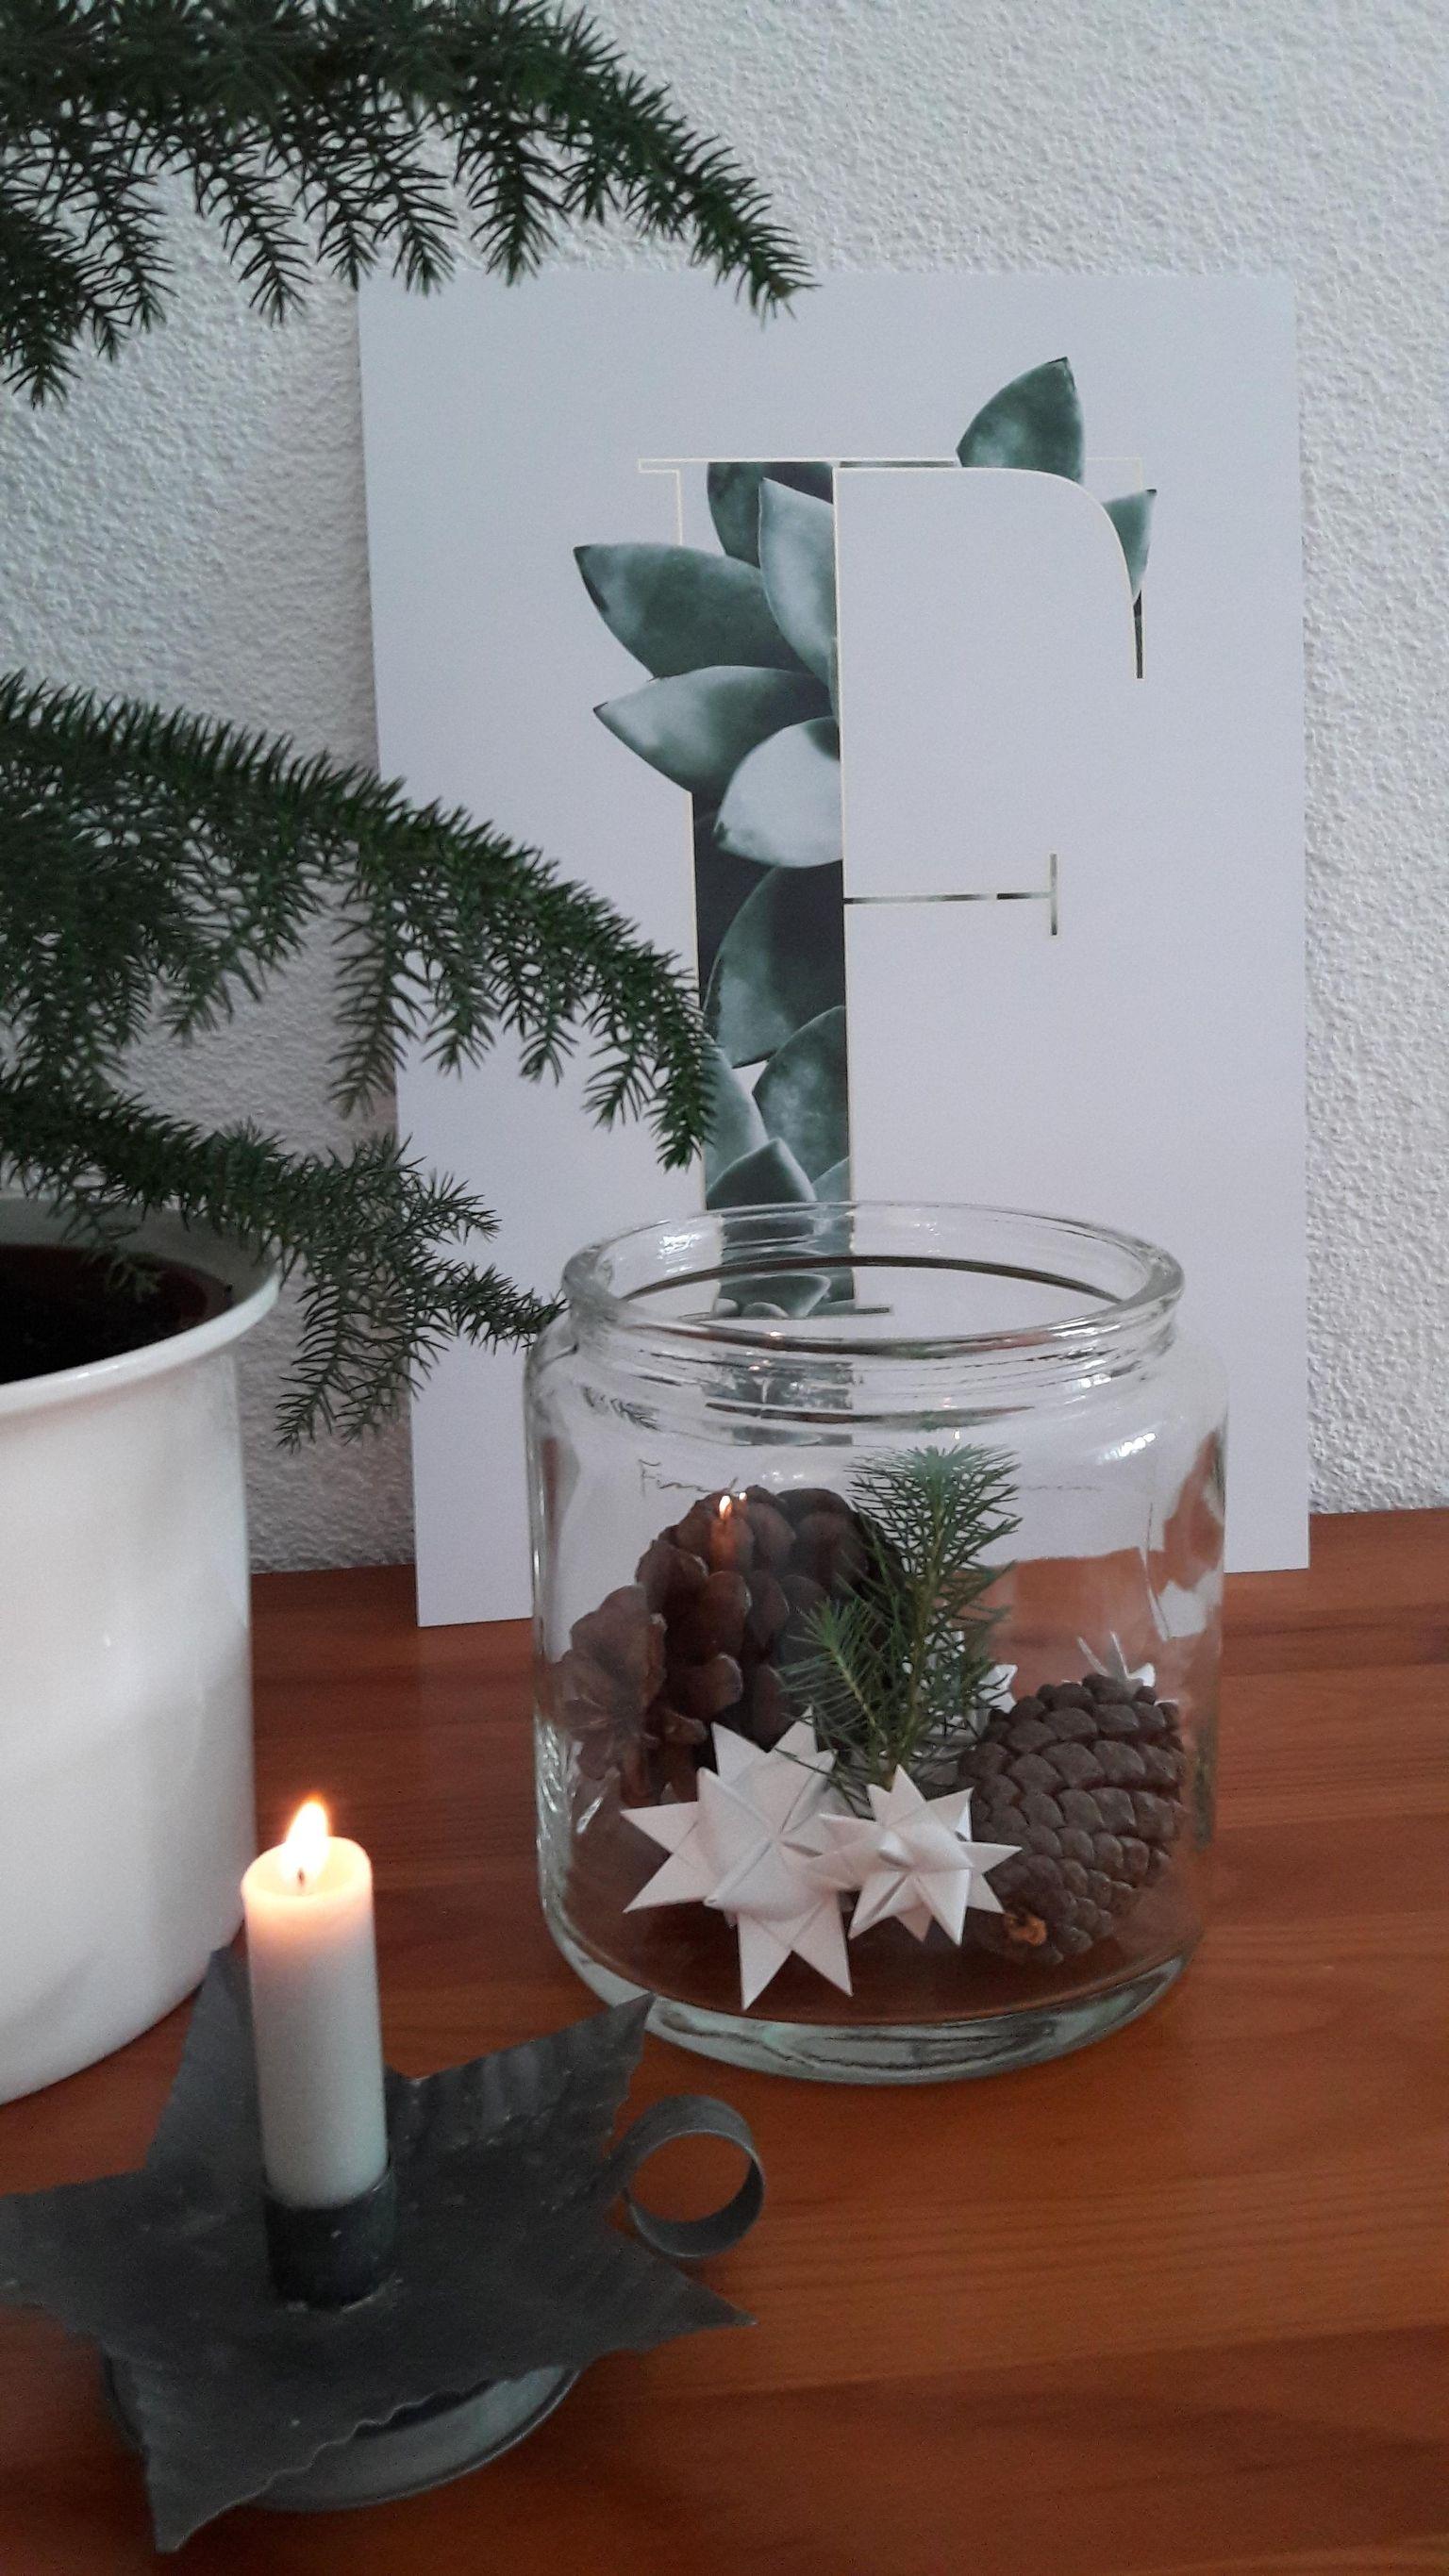 Einen gemütlichen 1. Advent aus dem Weihnachtsland E... #adventskranzskandinavisch